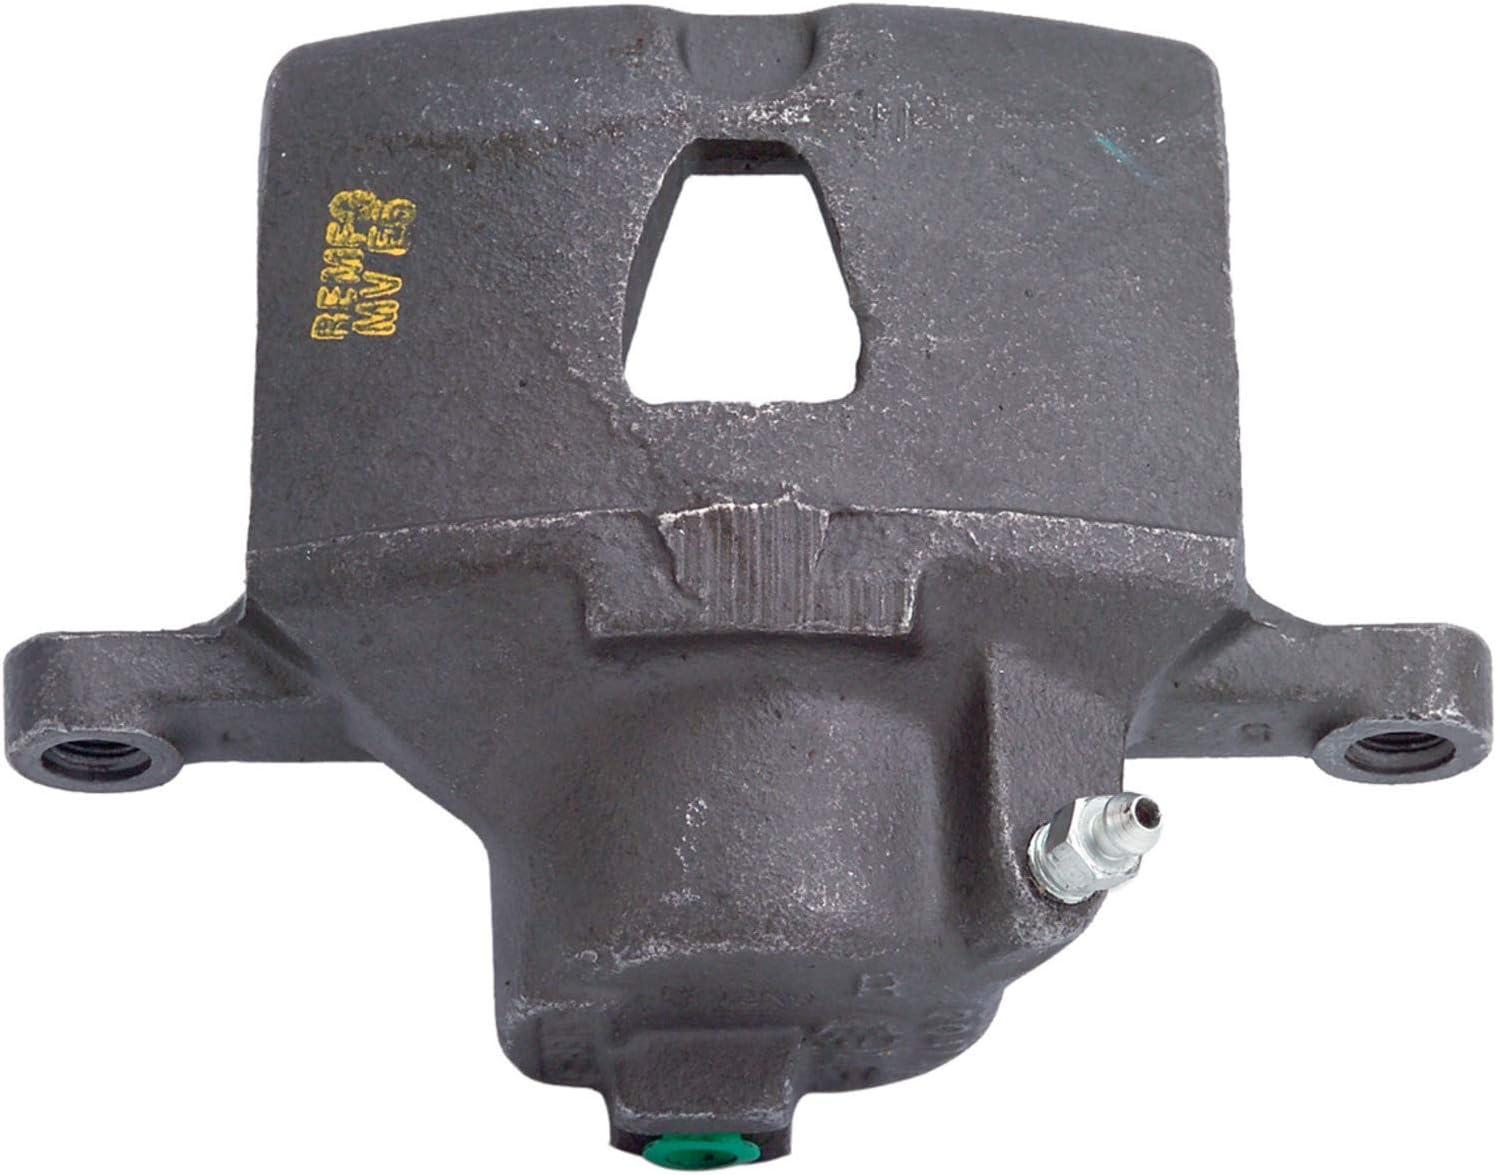 Cardone 18-4518 Remanufactured Unloaded Disc Brake Caliper